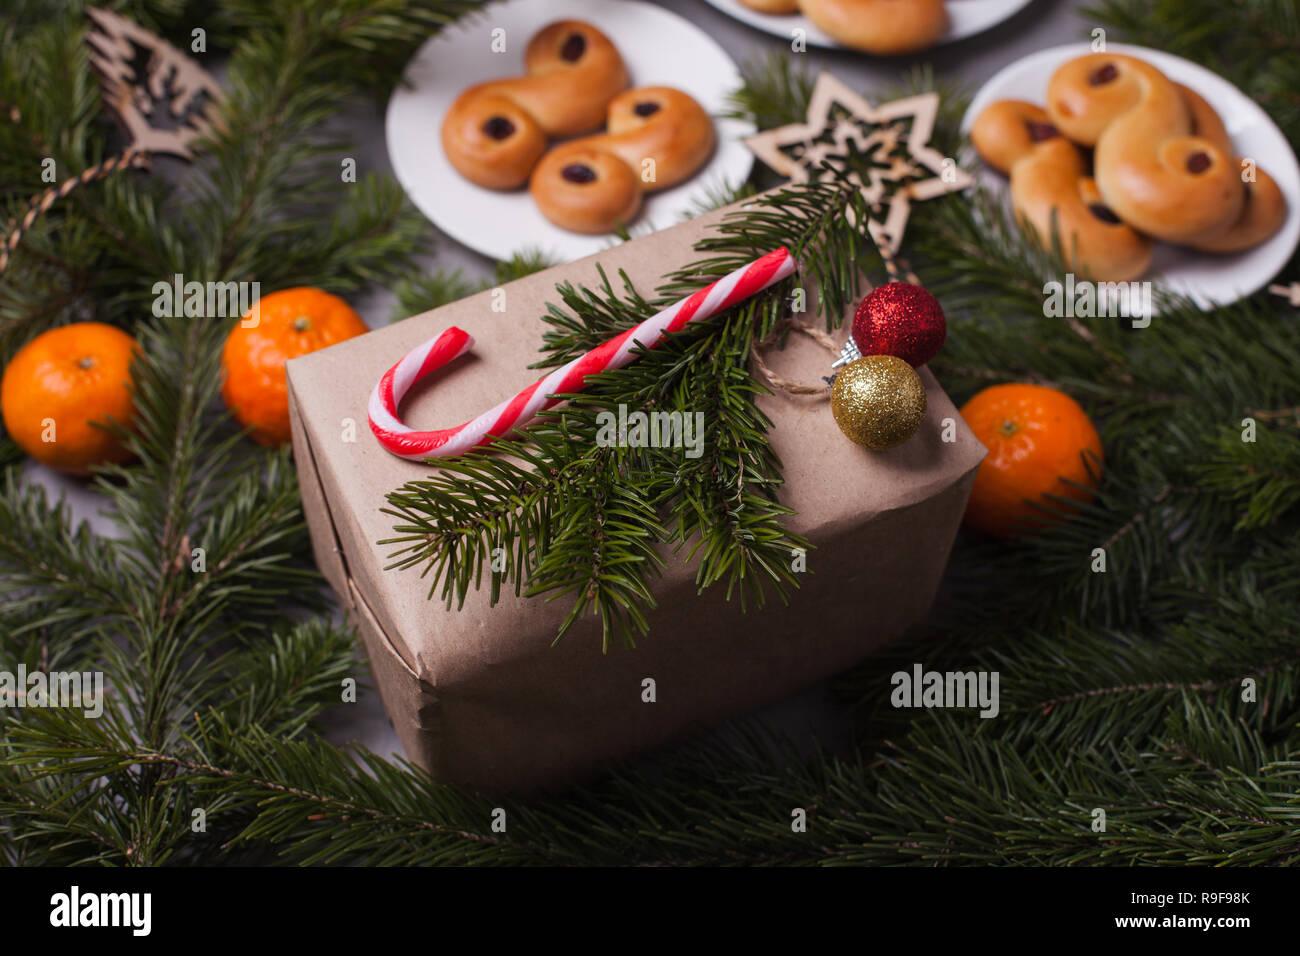 Azafrán Buns tradicionales suecos, también conocido como o lussebullar lussekatter. Los bollos de amarillo tiene pasas y tienen forma de espirales y caja de regalo xcon Foto de stock